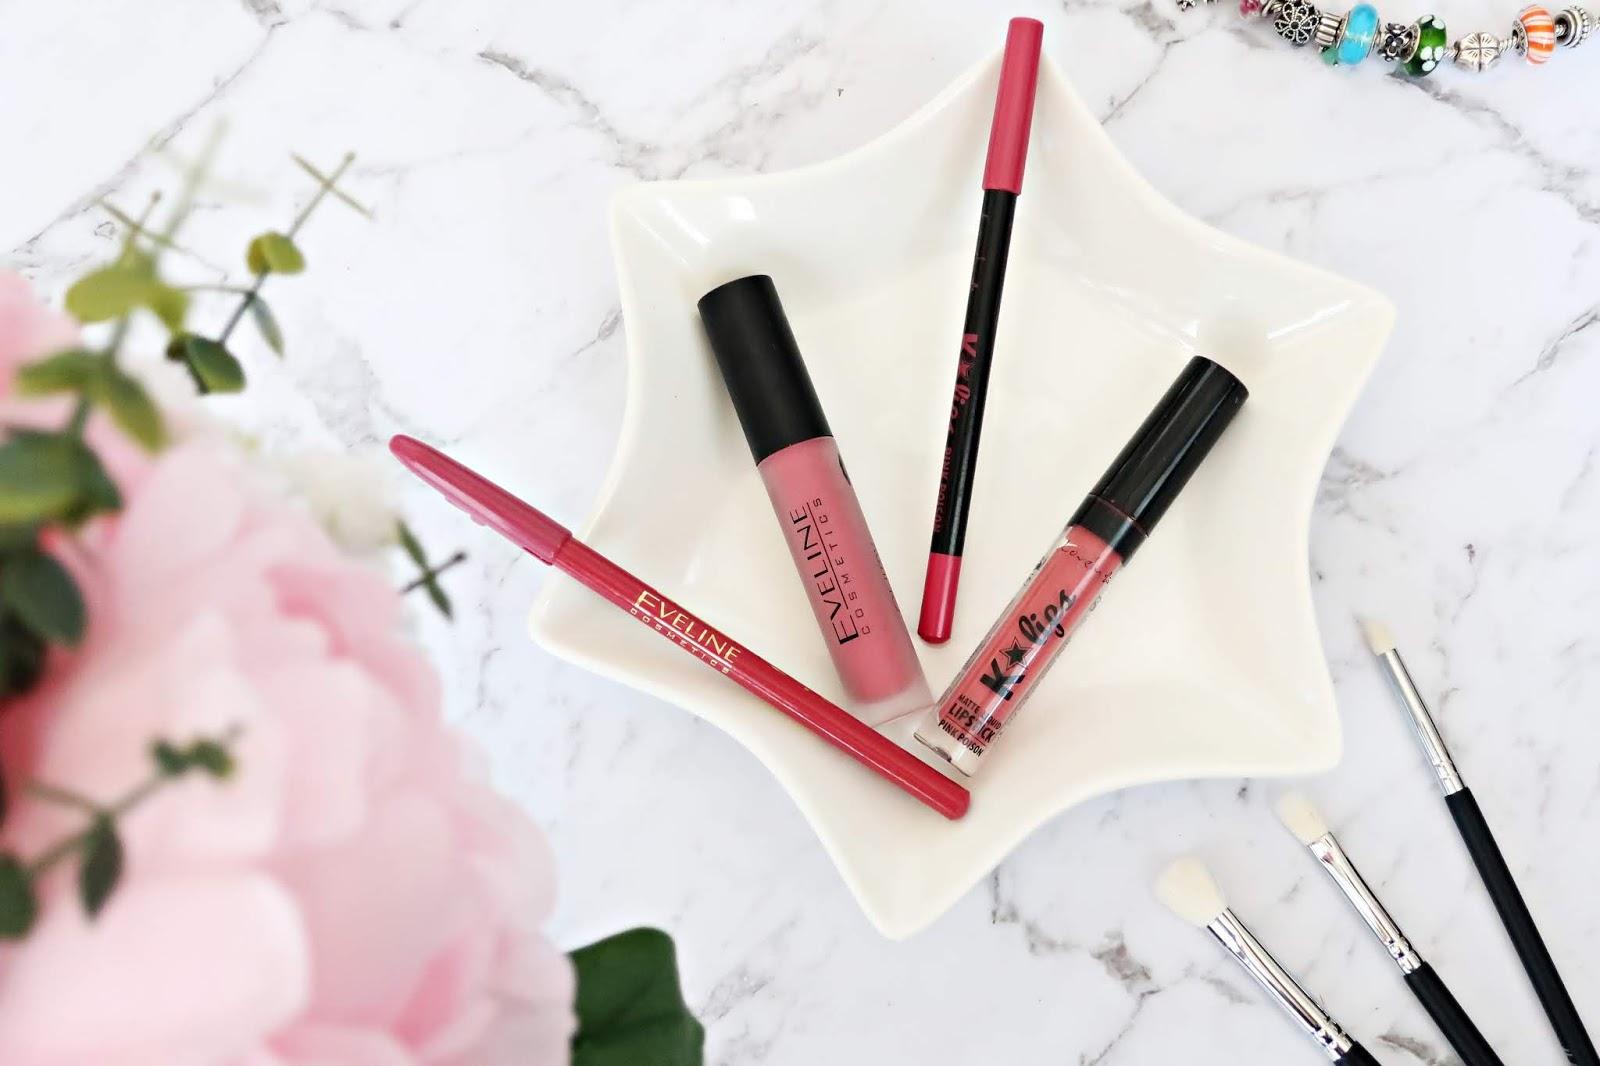 pomadki matowe w zestawie z konturówką Eveline Oh!my Lips Matt Kit 04 Sweet Lips i Lovely K'Lips Pink Poison Nr 2.